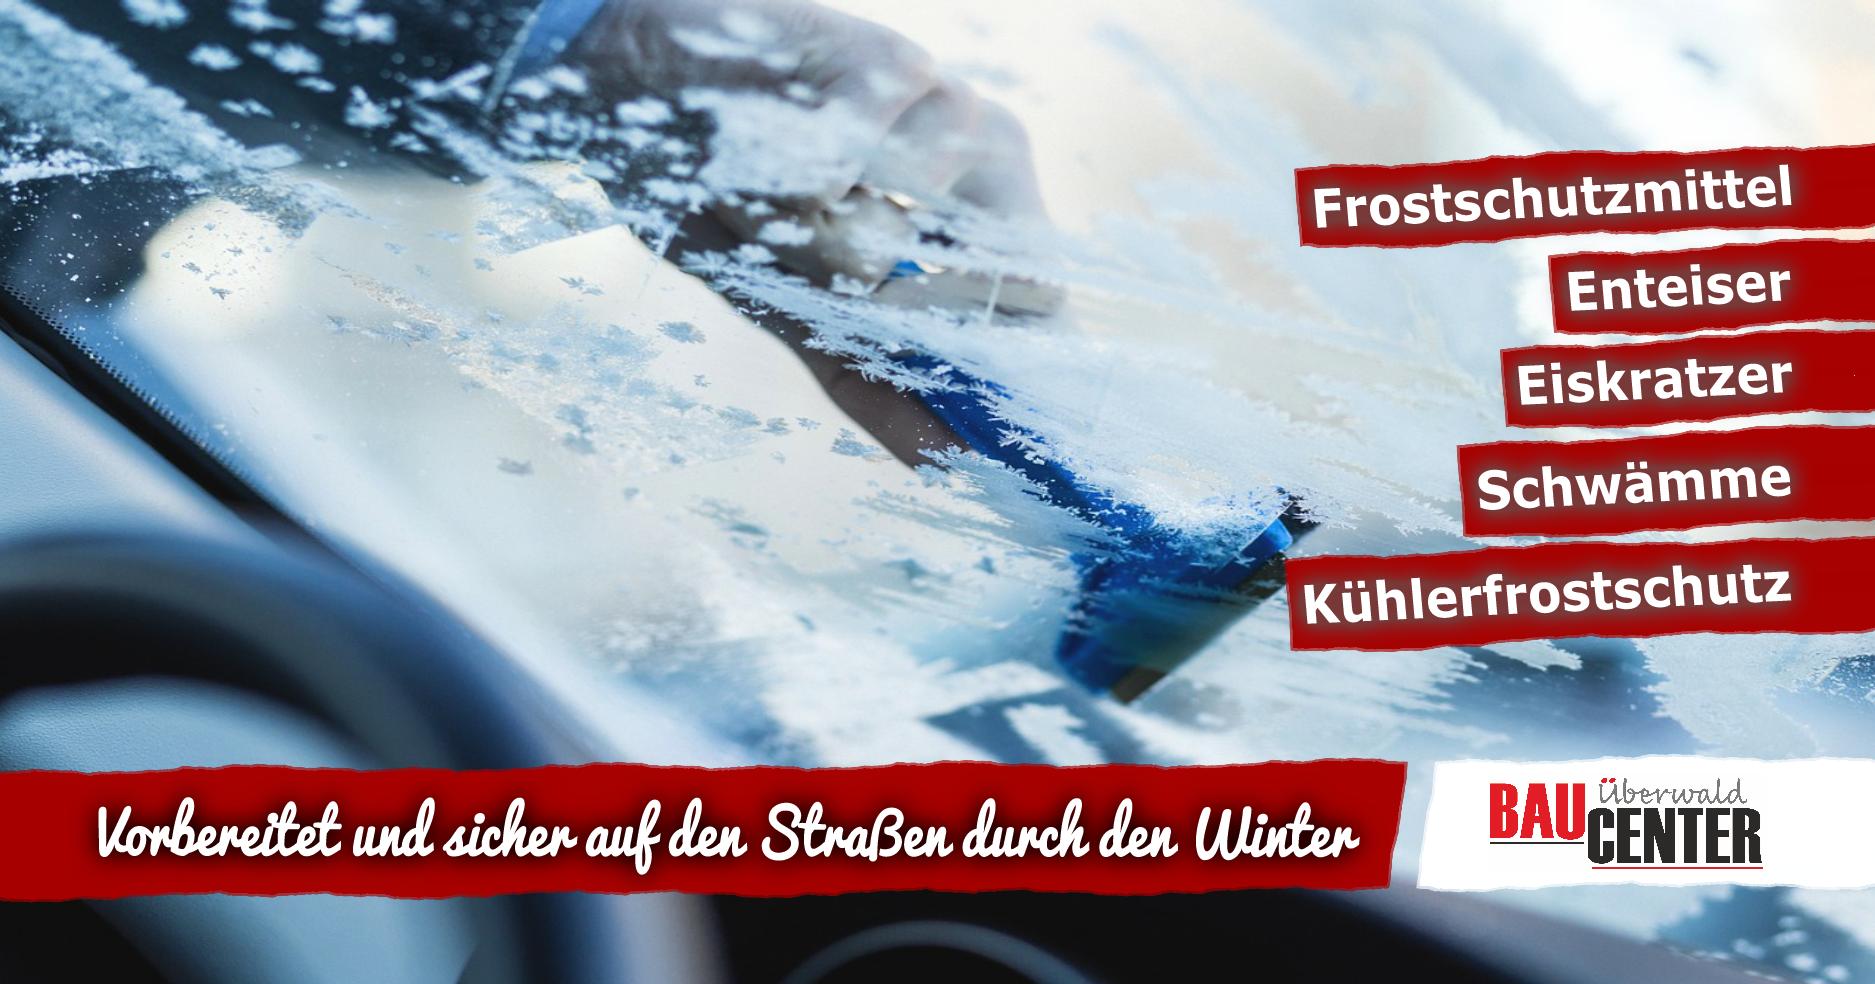 Winterfest Frostschutz für das Auto Baucenter Odenwald